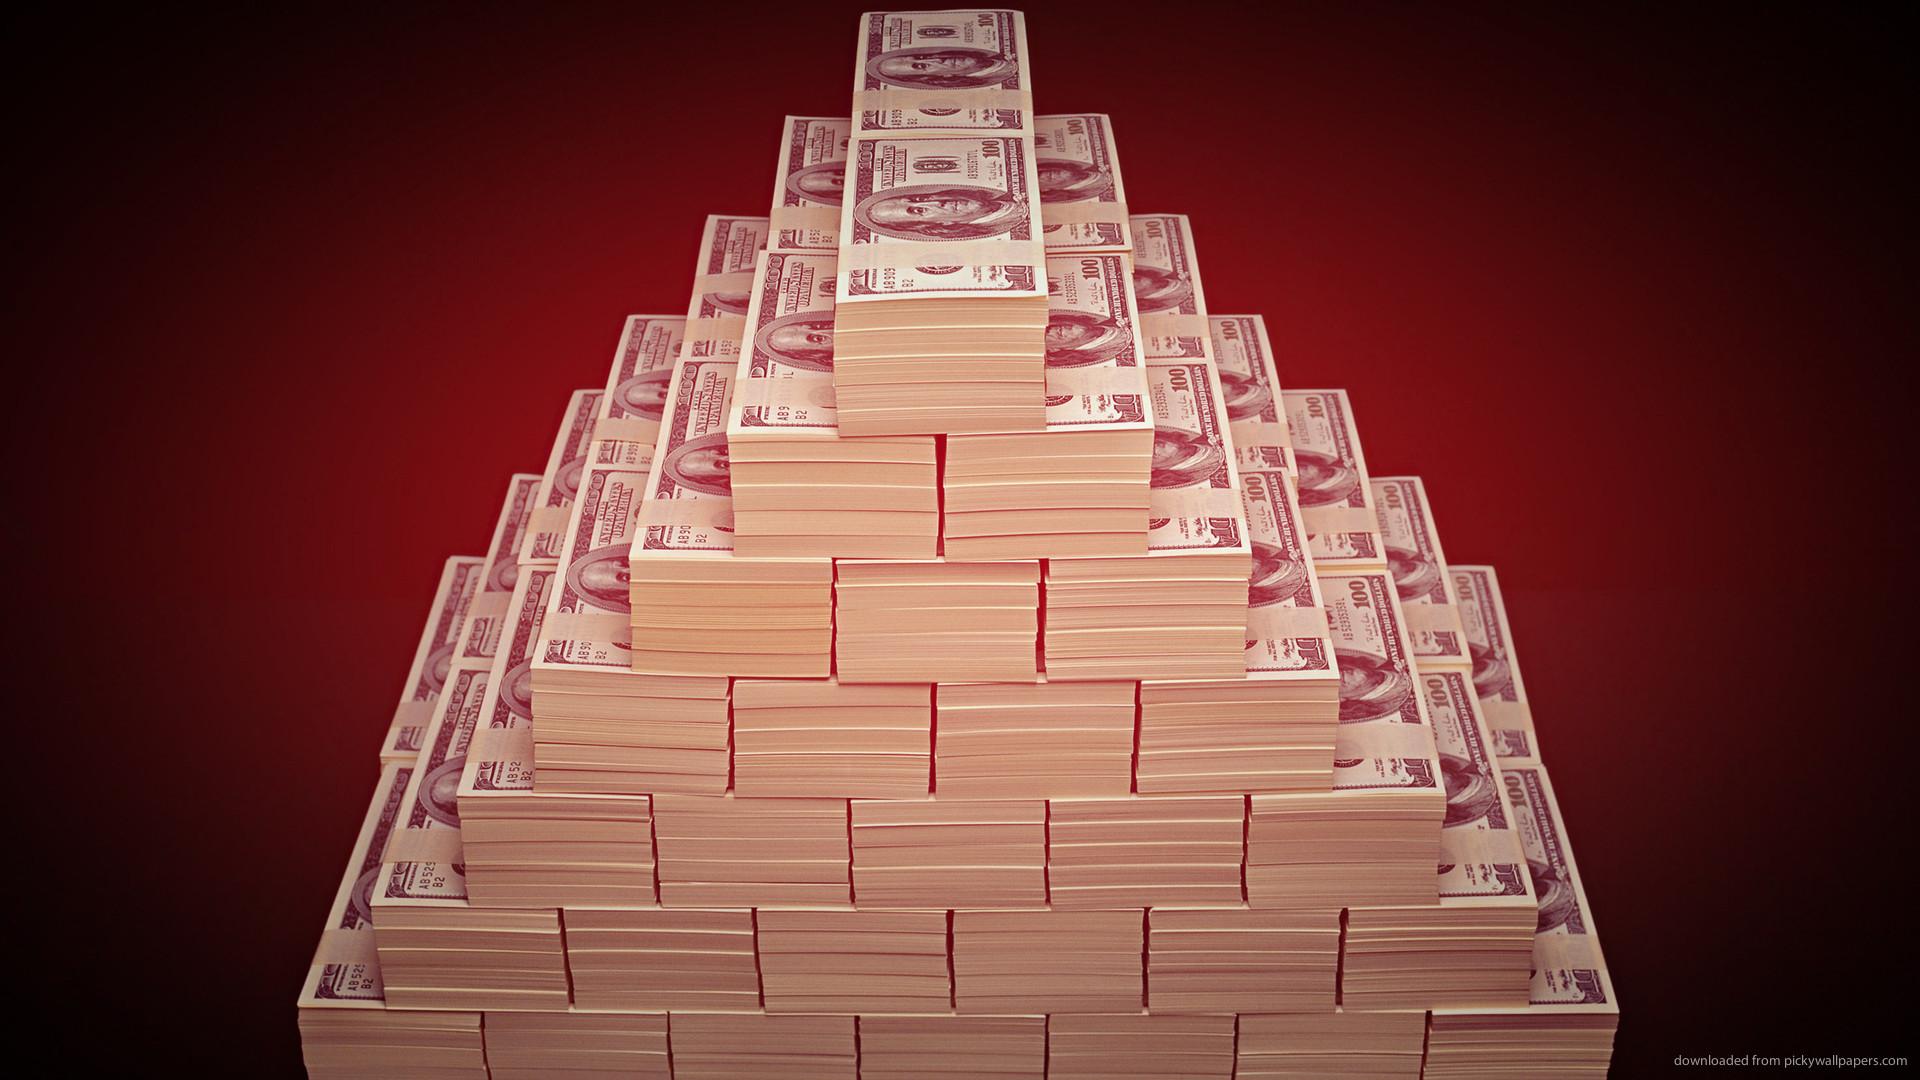 HD Stacks of 100 dollar bills wallpaper